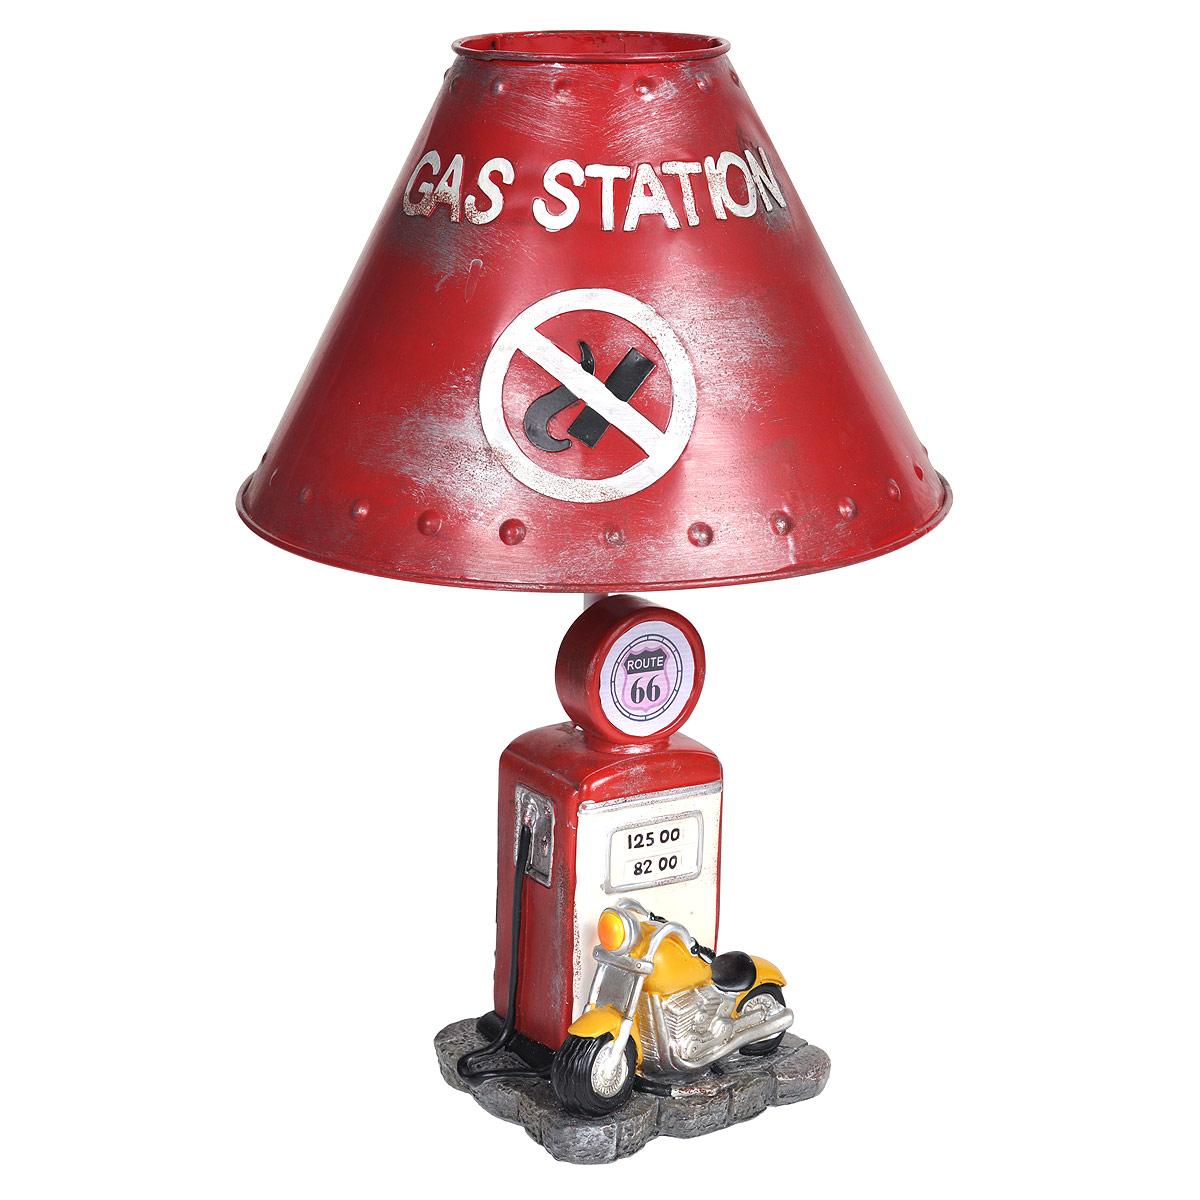 Светильник настольный Заправочная станция. 29340KT400(4)Настольный светильник, изготовленный из полирезины, выполнен в виде мотоцикла у заправки и оформлен металлическим абажуром красного цвета. Такой светильник прекрасно подойдет для украшения интерьера и создания атмосферы тепла и уюта. Внутри светильника расположена лампа накаливания. Светильник работает от электросети и включается при помощи кнопки на шнуре. Характеристики: Материал: полистоун, металл, пластик. Высота светильника: 39 см. Диаметр абажура: 26 см. Размер основания светильника: 12,5 см х 11 см. Мощность лампы: 40 Вт. Цоколь: Е27. Напряжение: 220 В, частота 50 Гц. Длина шнура: 150 см.